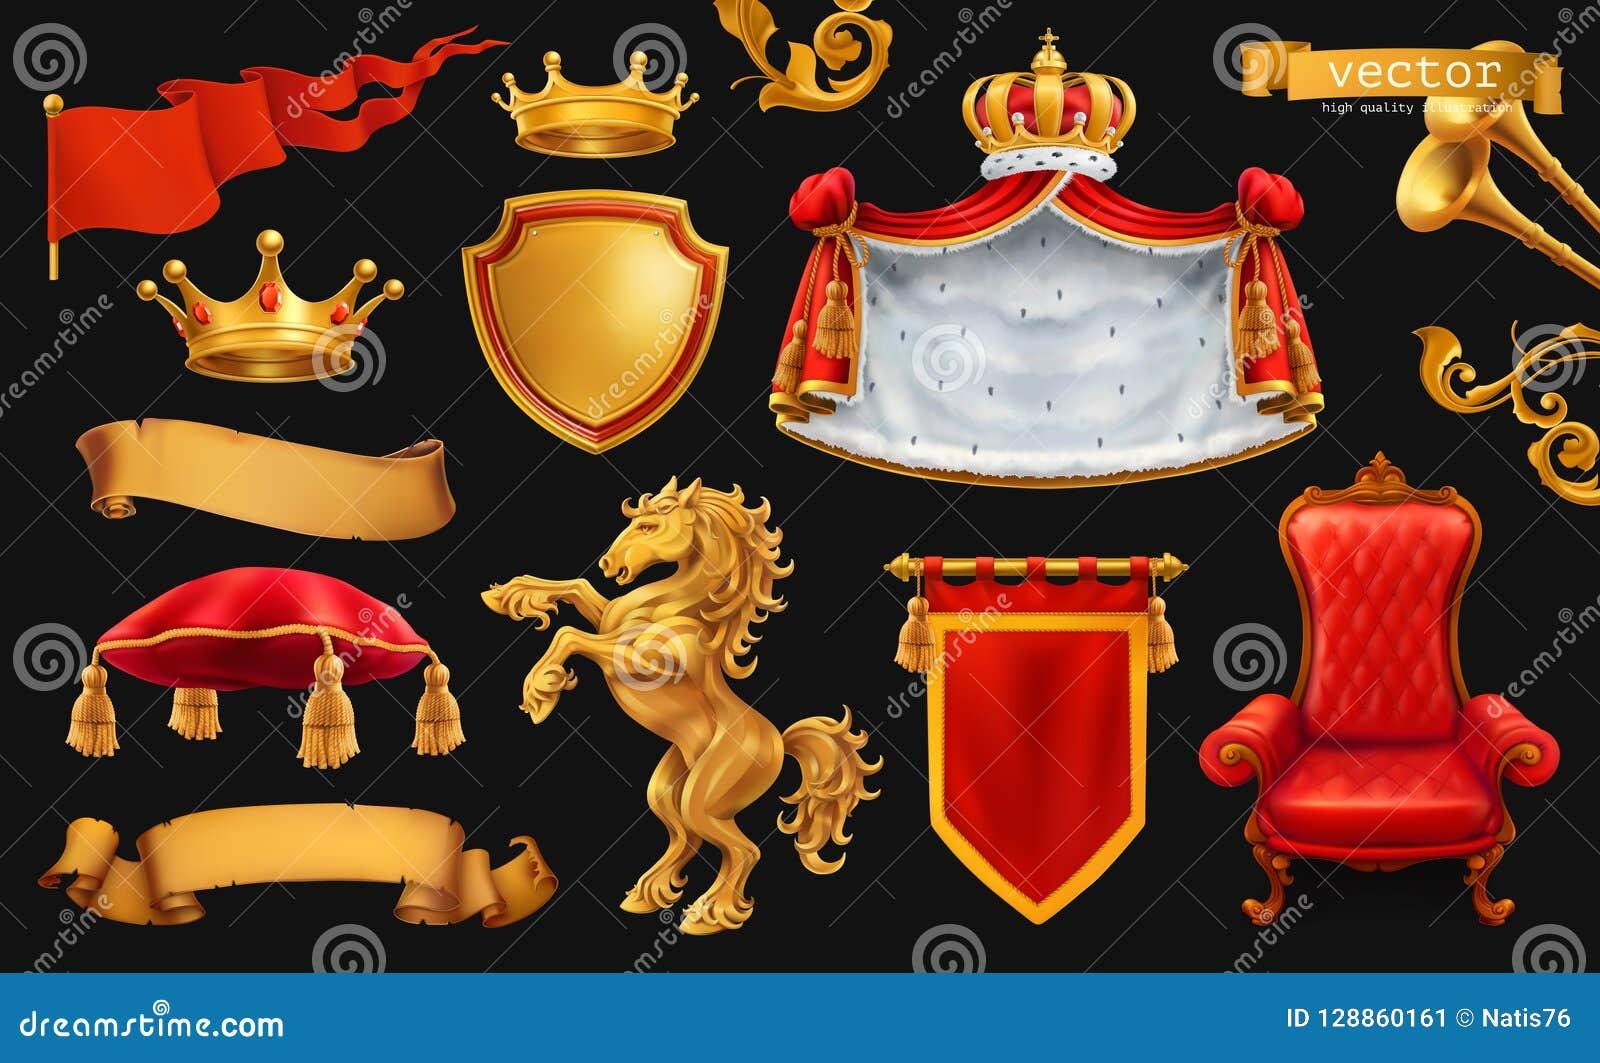 Złocista korona królewiątko Królewski krzesło, salopa, poduszka 3d wektorowa ikona ustawiająca na czerni